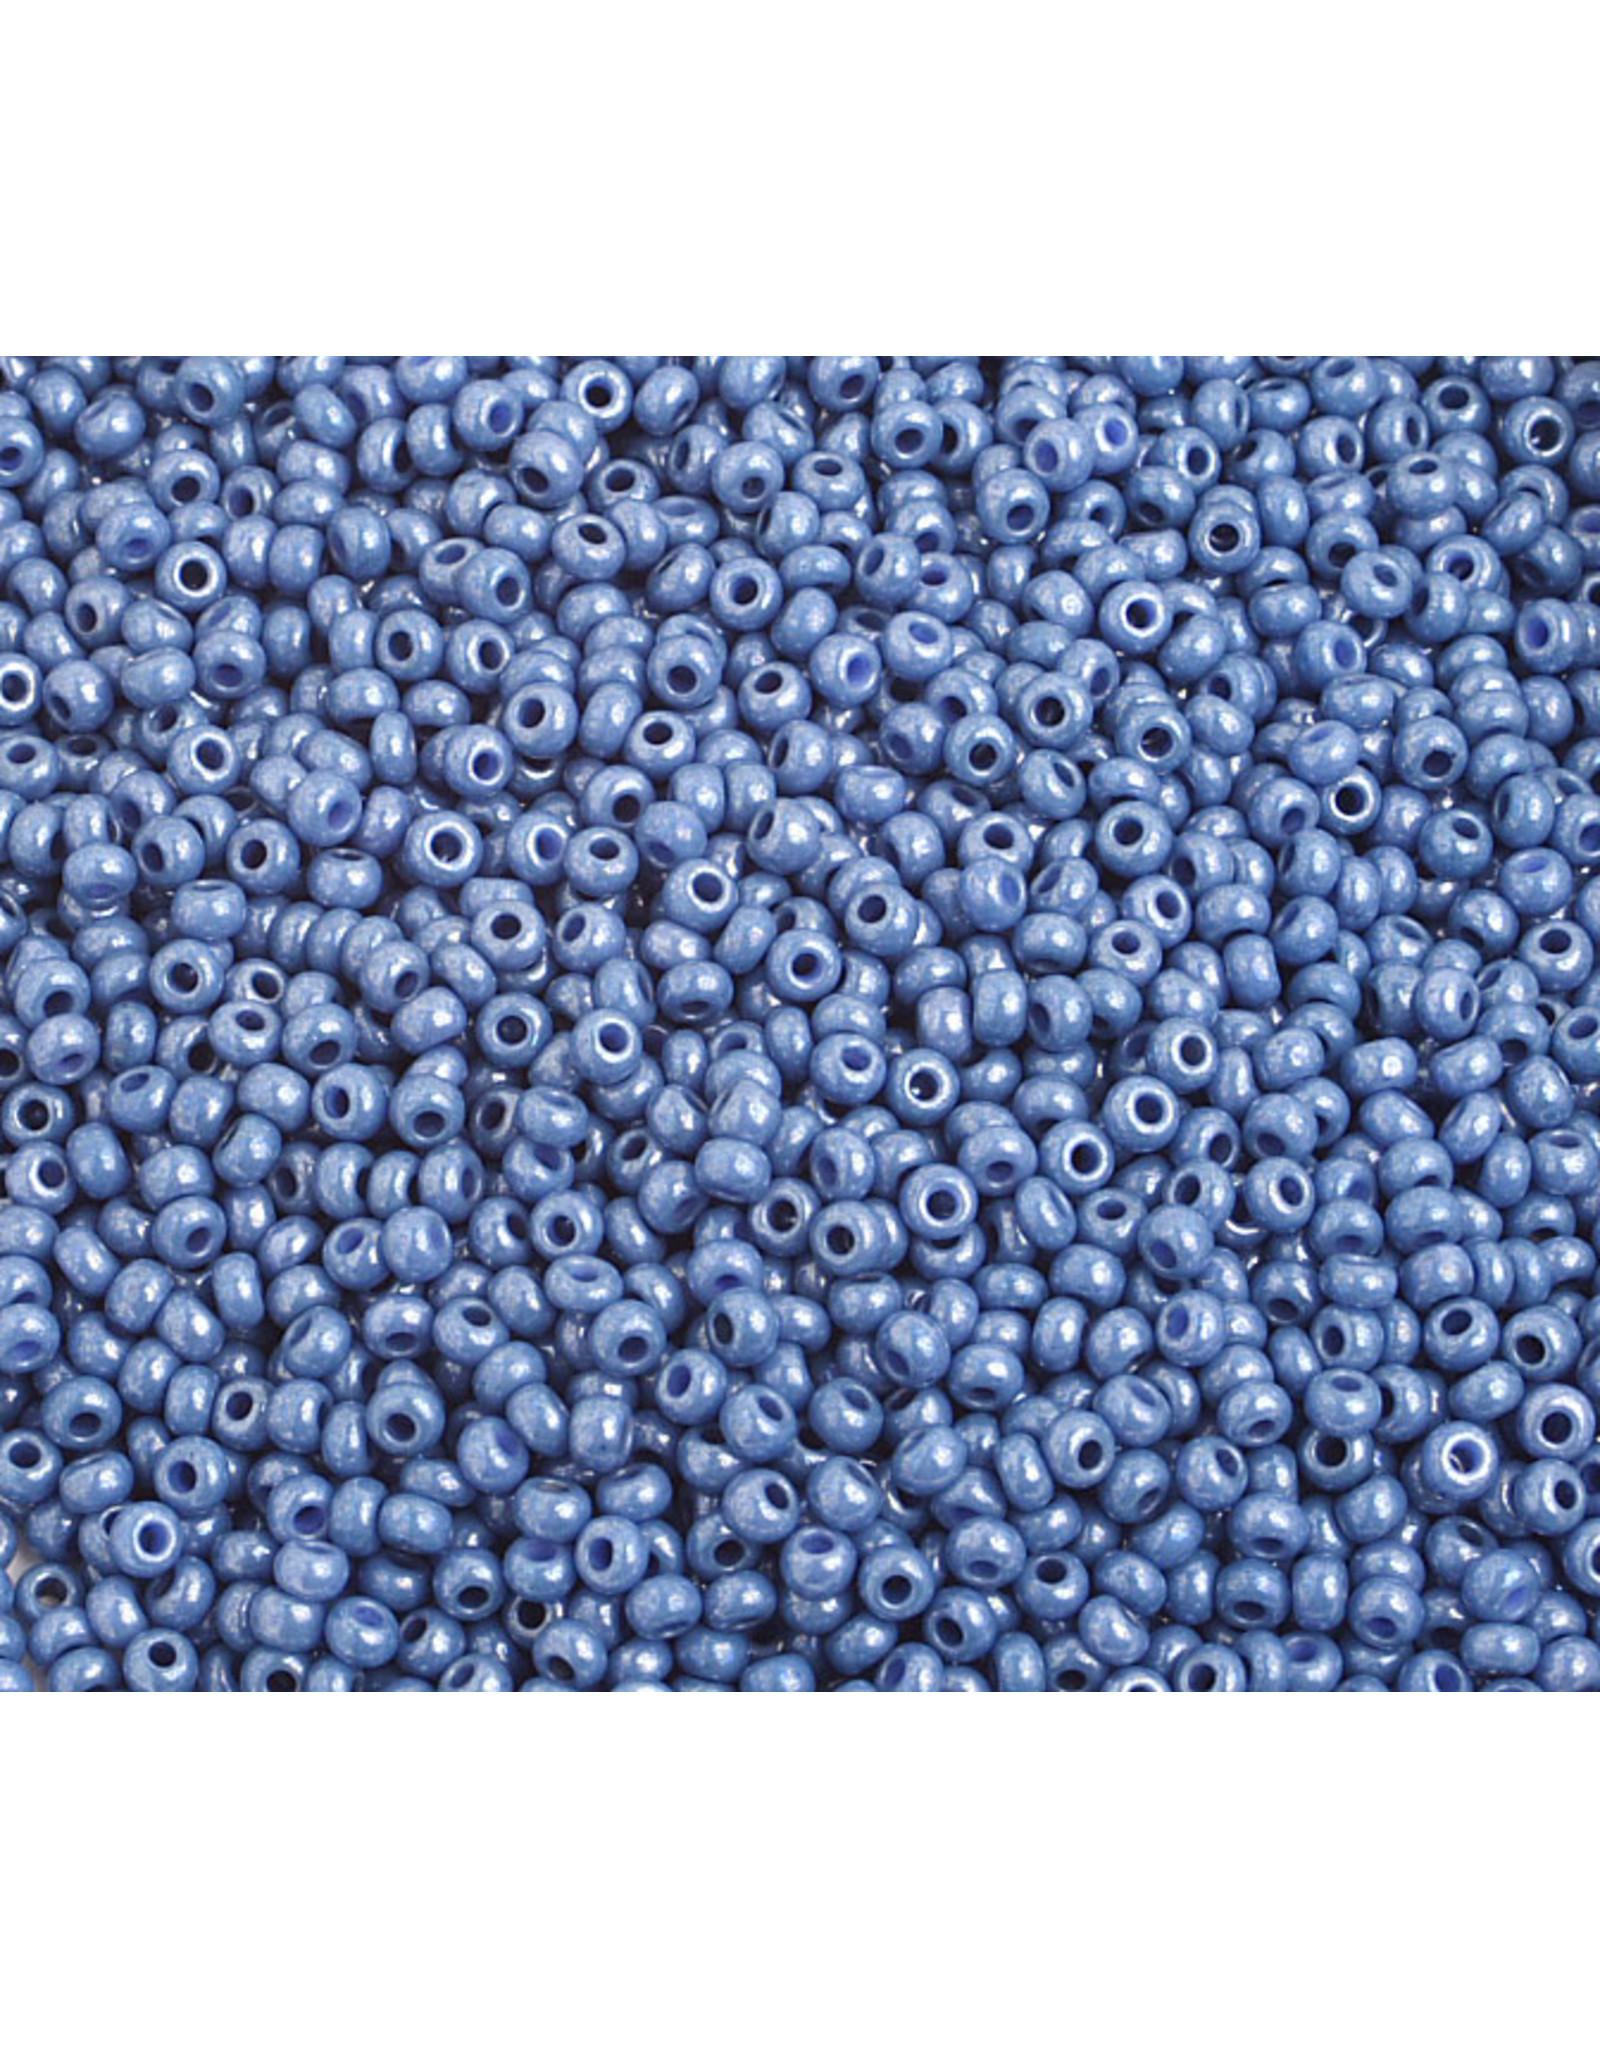 Czech *2375B 10  Seed 250g  Opaque Blue Lustre